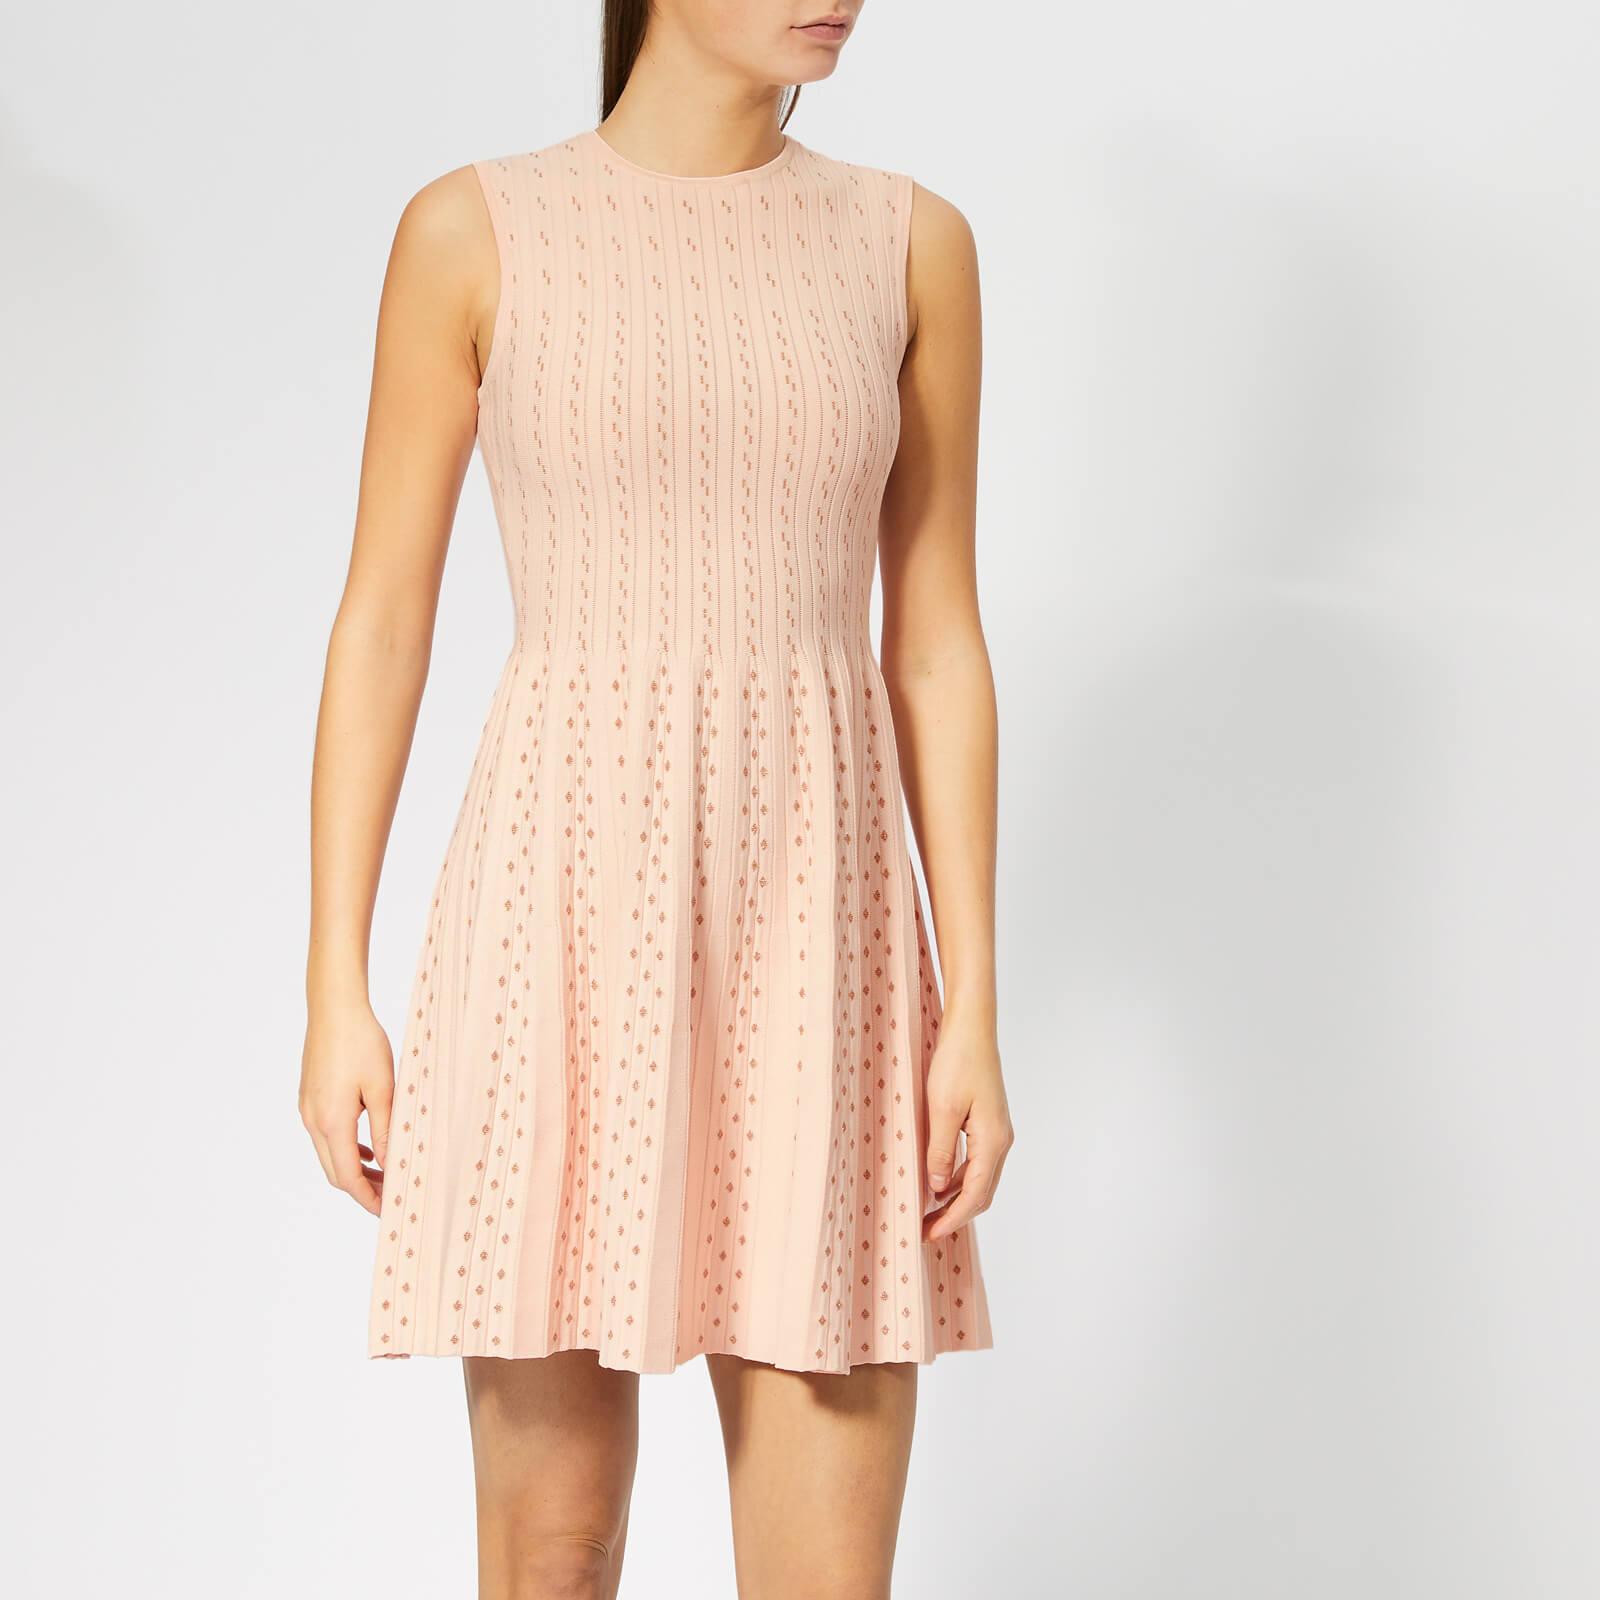 5fce0ddc2 Ted Baker Women s Vellia Knitted Flippy Skater Dress - Pale Pink ...